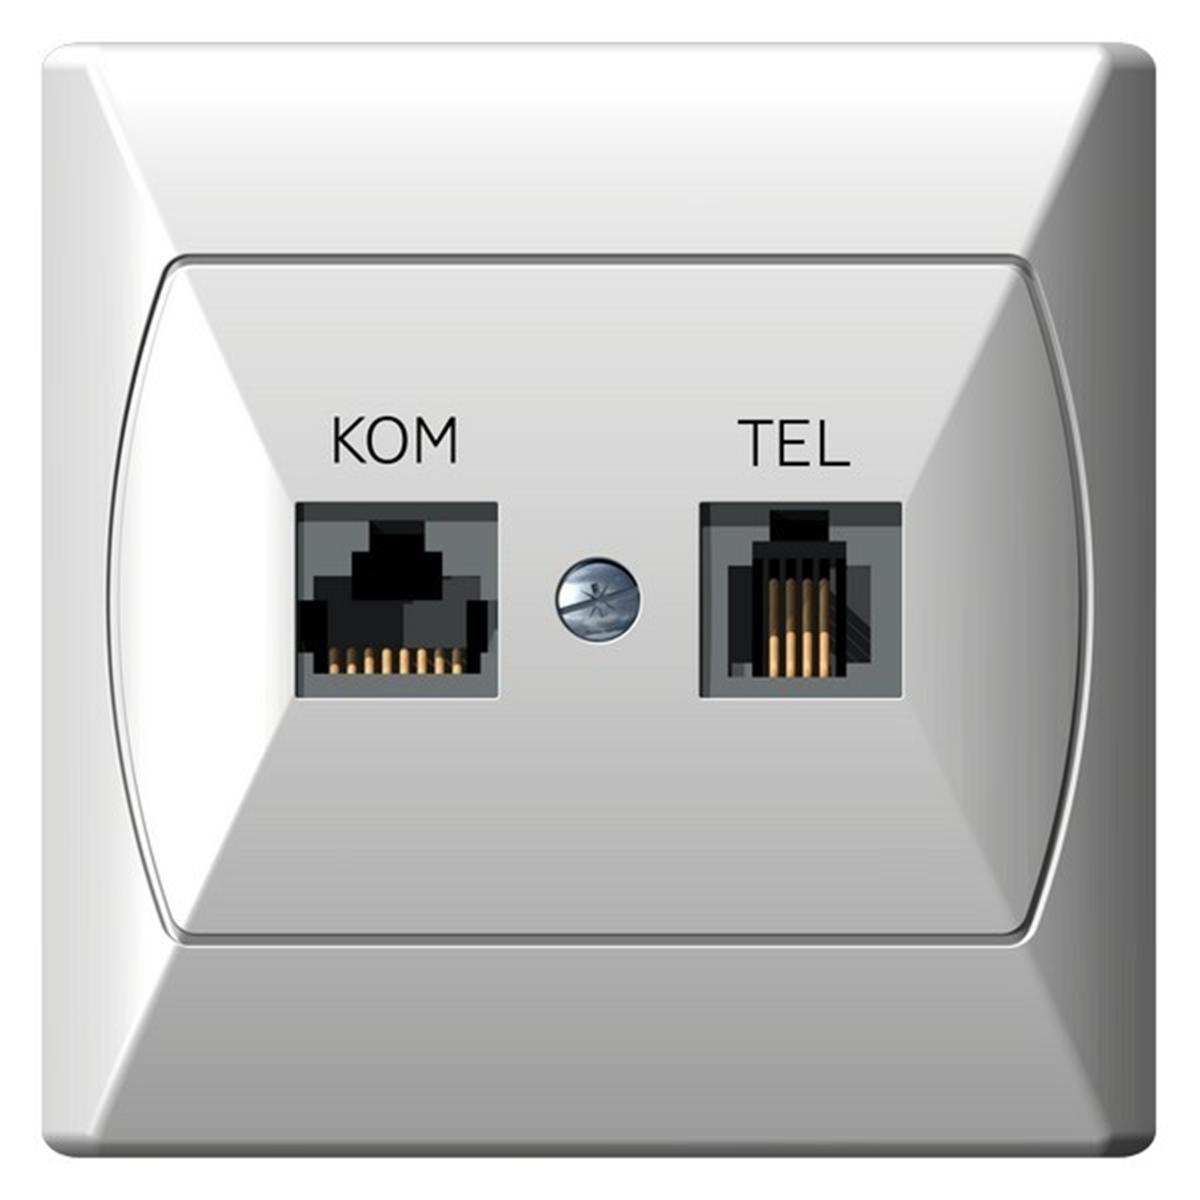 Akcent Gniazdo Komputerowo Telefoniczne Rj 45 Biały Sklep Elektryczny El12